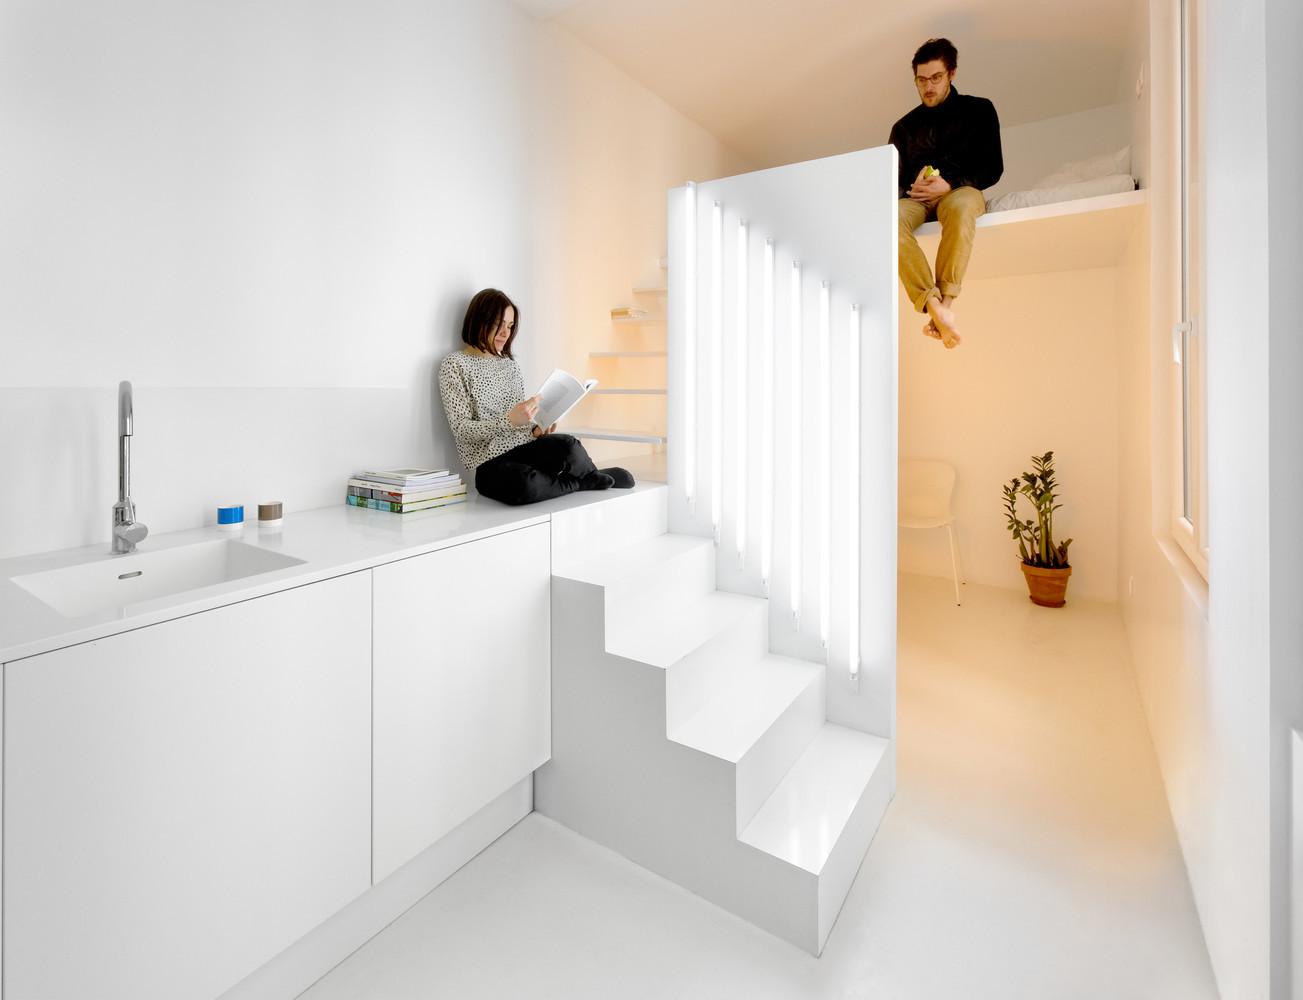 ¿Qué es el diseño de interiores (y por qué puede hacerte sentir mejor)?,Appartement Spectral / BETILLON / DORVAL‐BORY. Image Courtesy of BETILLON / DORVAL‐BORY